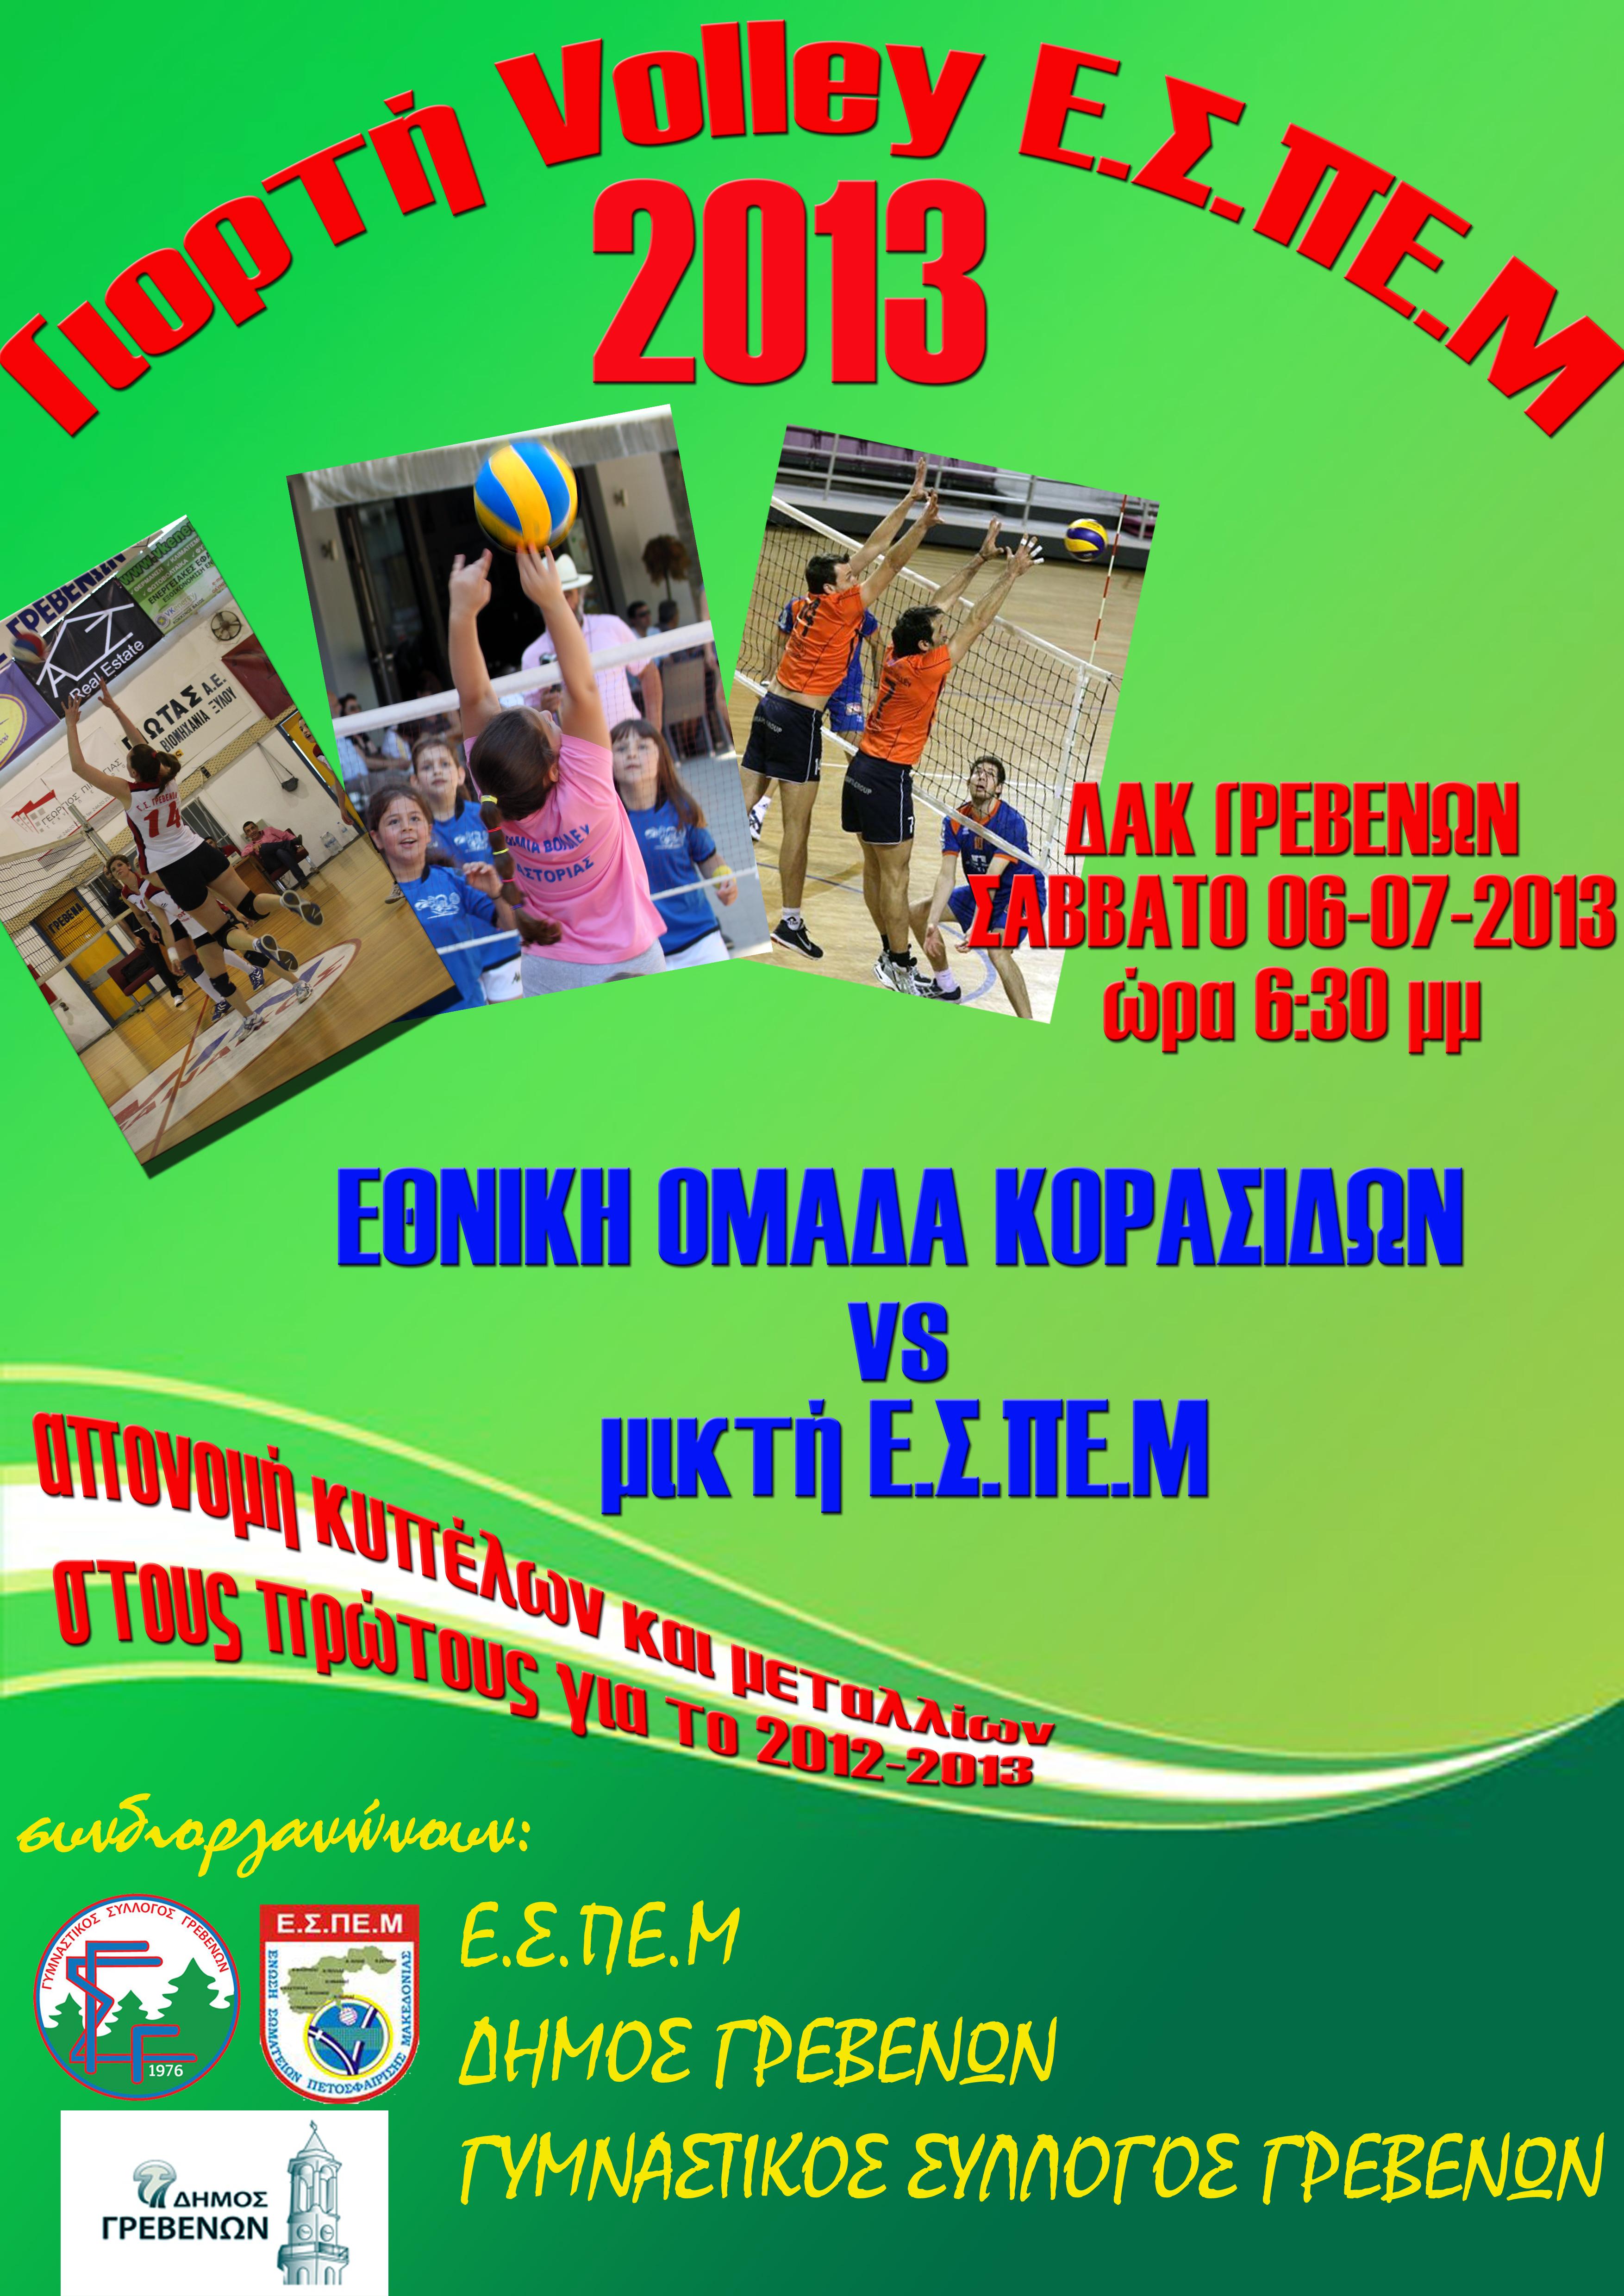 Γιορτή ΕΣΠΕΜ 2013 στα Γρεβενά – Φιλικός αγώνας της εθνικής κορασίδων